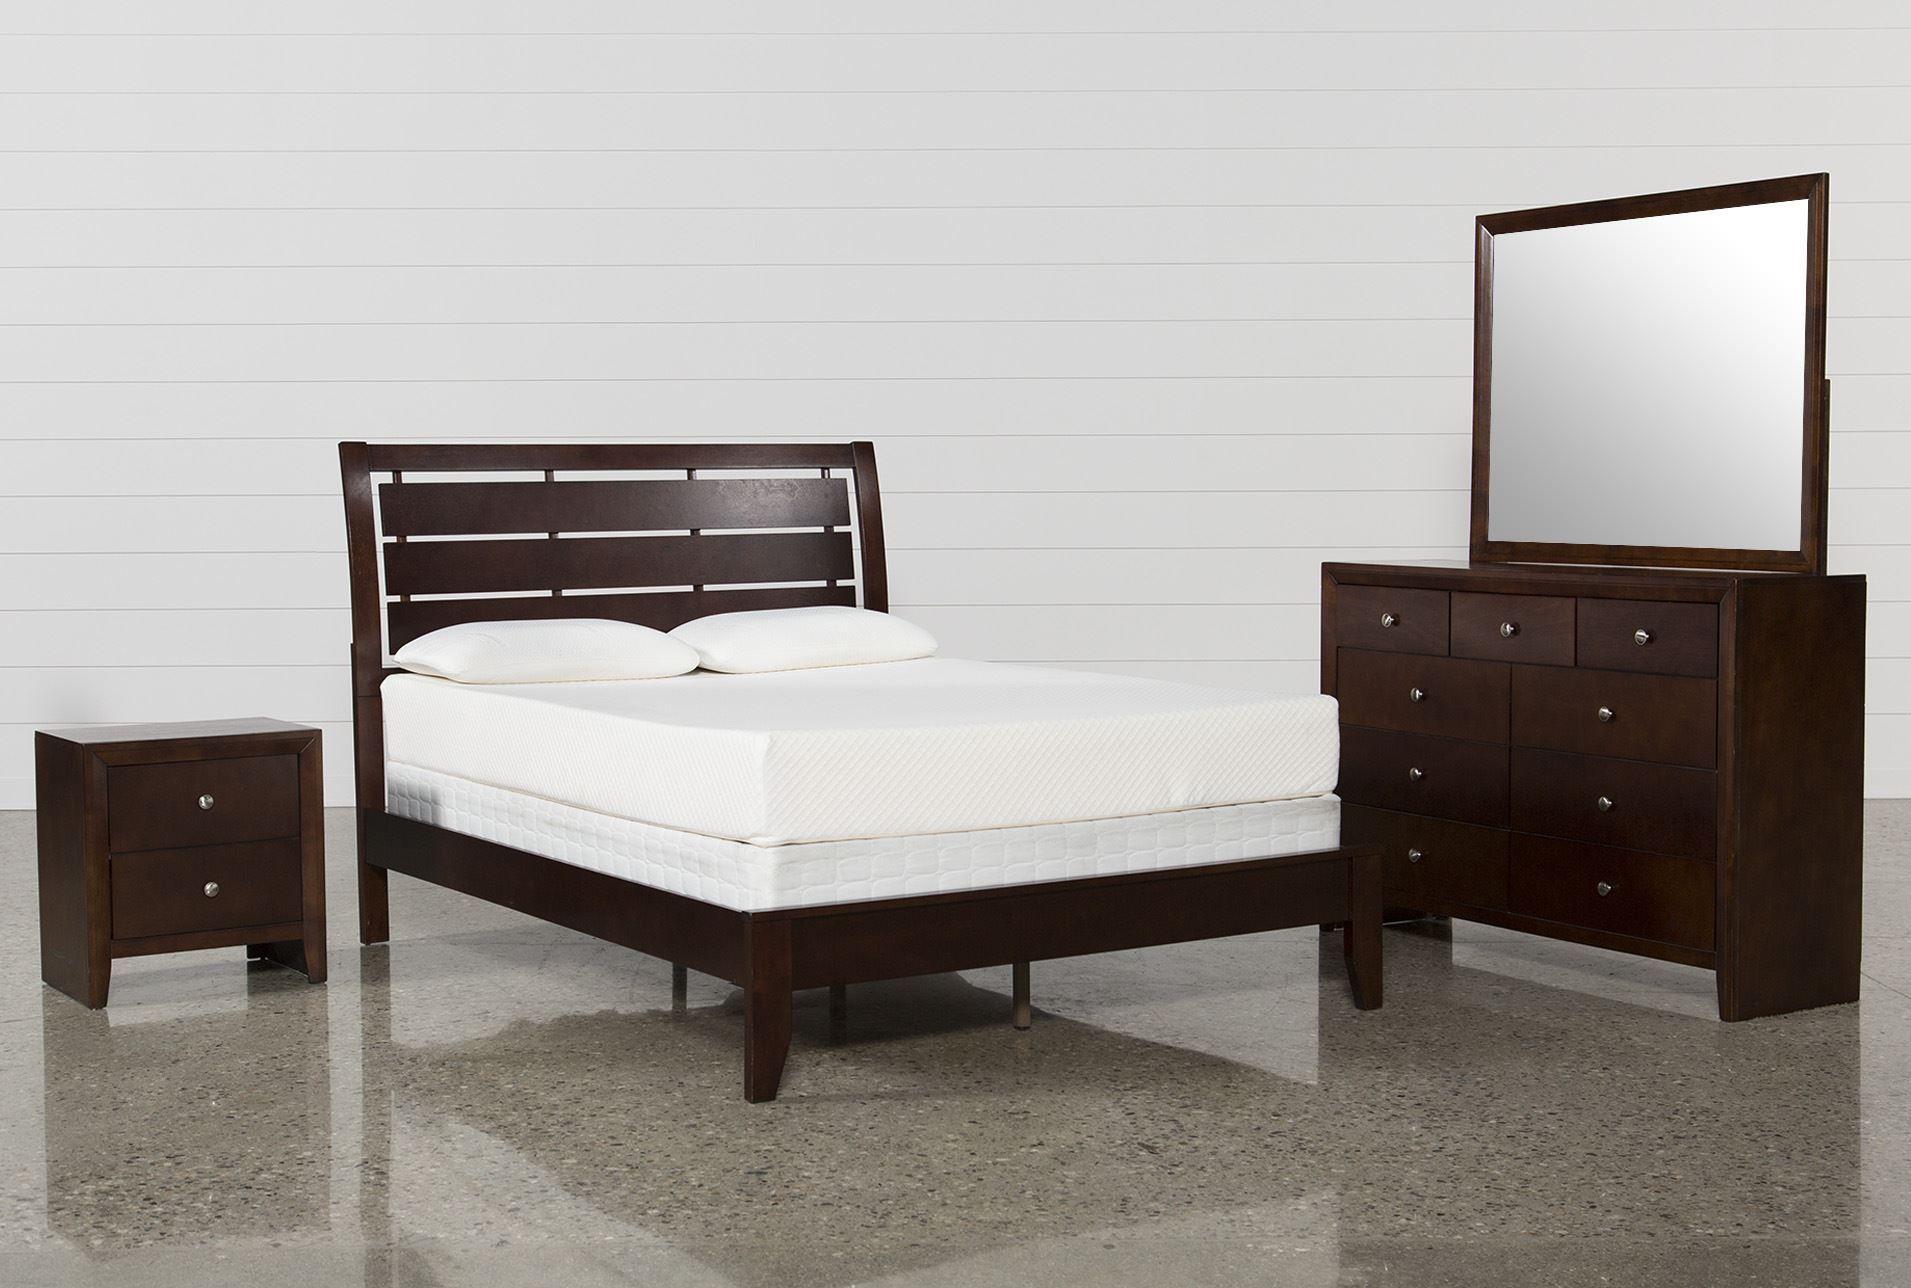 Chad Queen 4 Piece Bedroom Set - Signature- $595